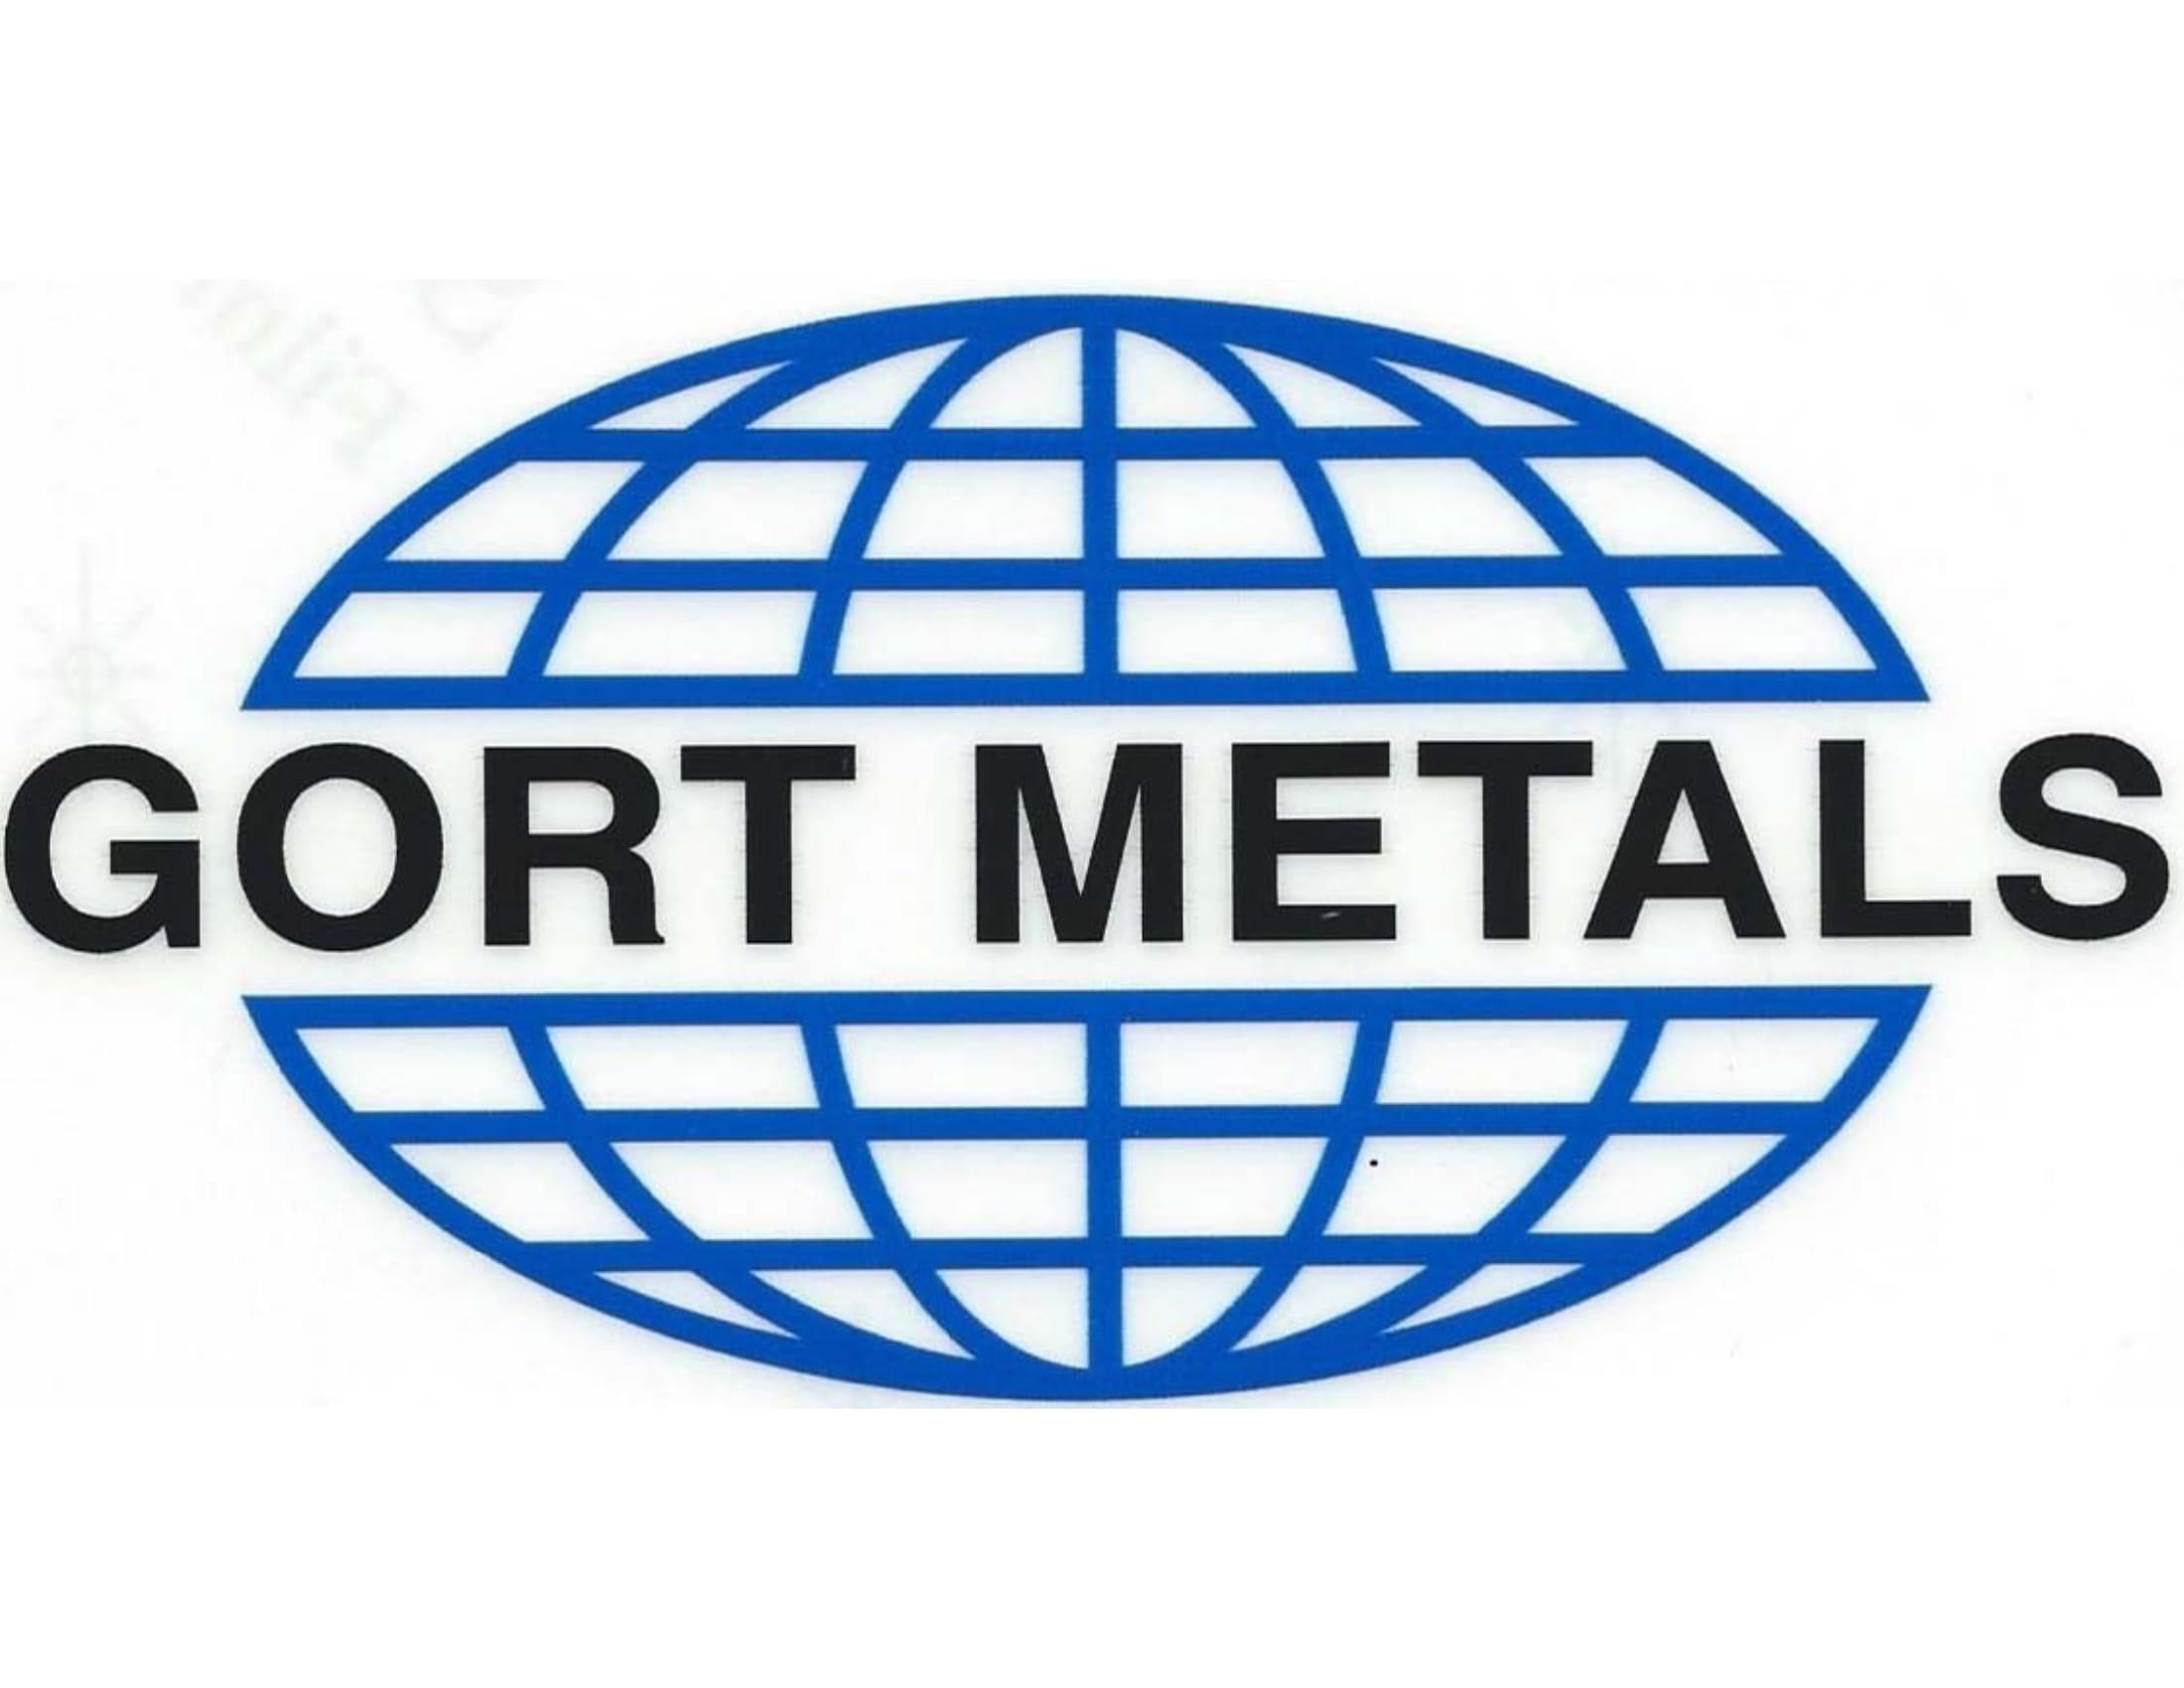 Gort Metals Corp